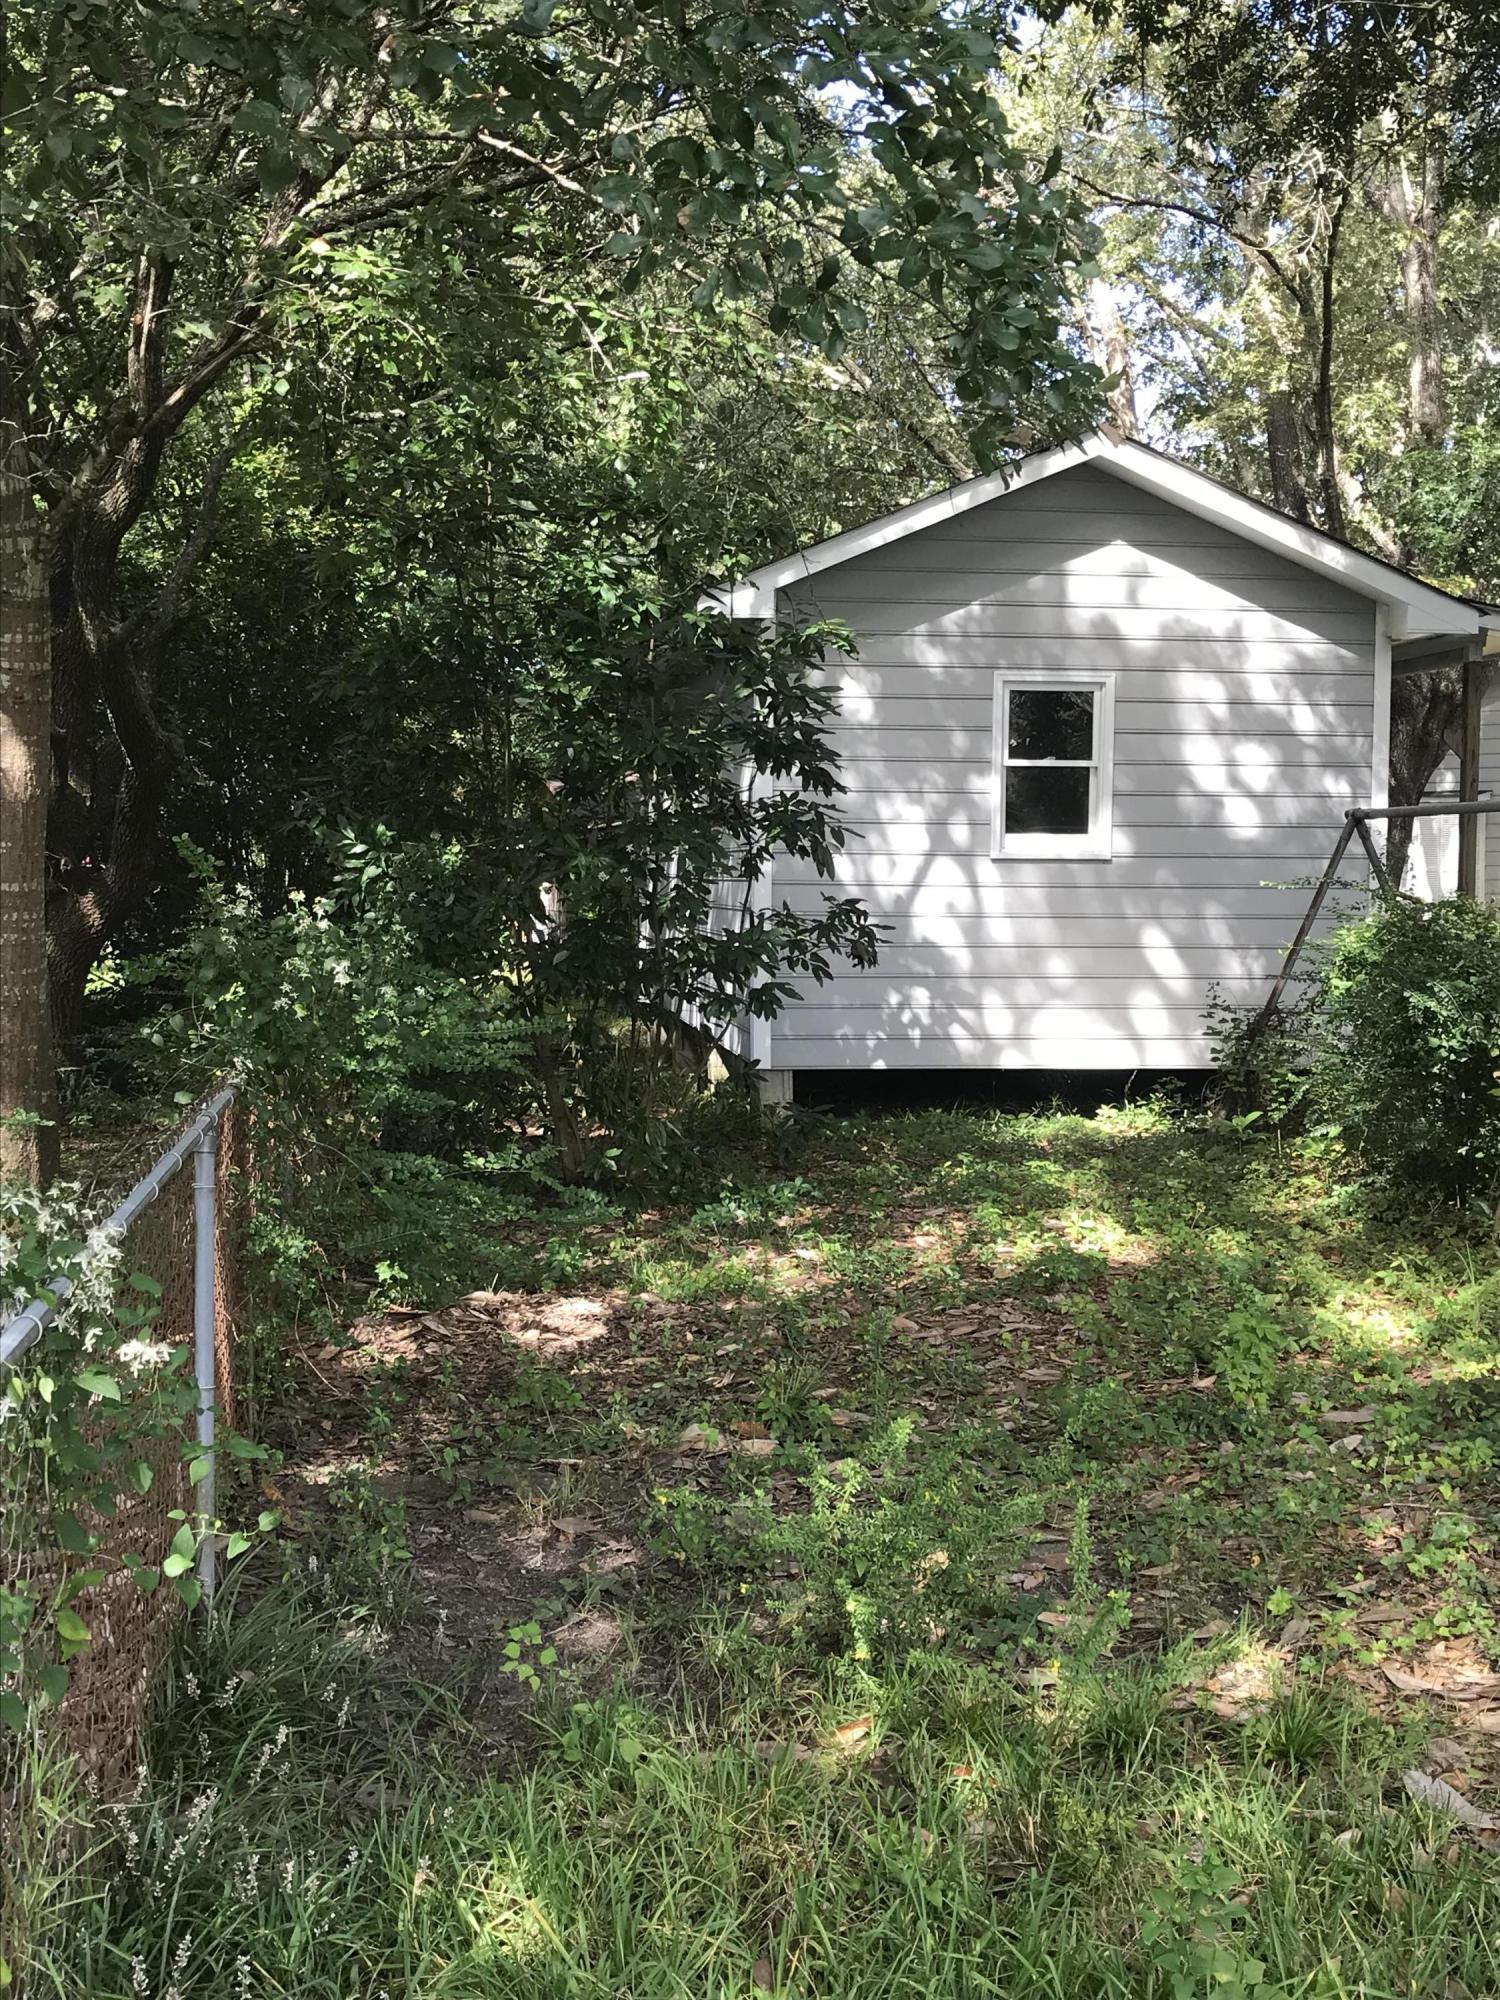 St James Estates Homes For Sale - 103 Westminster, Goose Creek, SC - 58